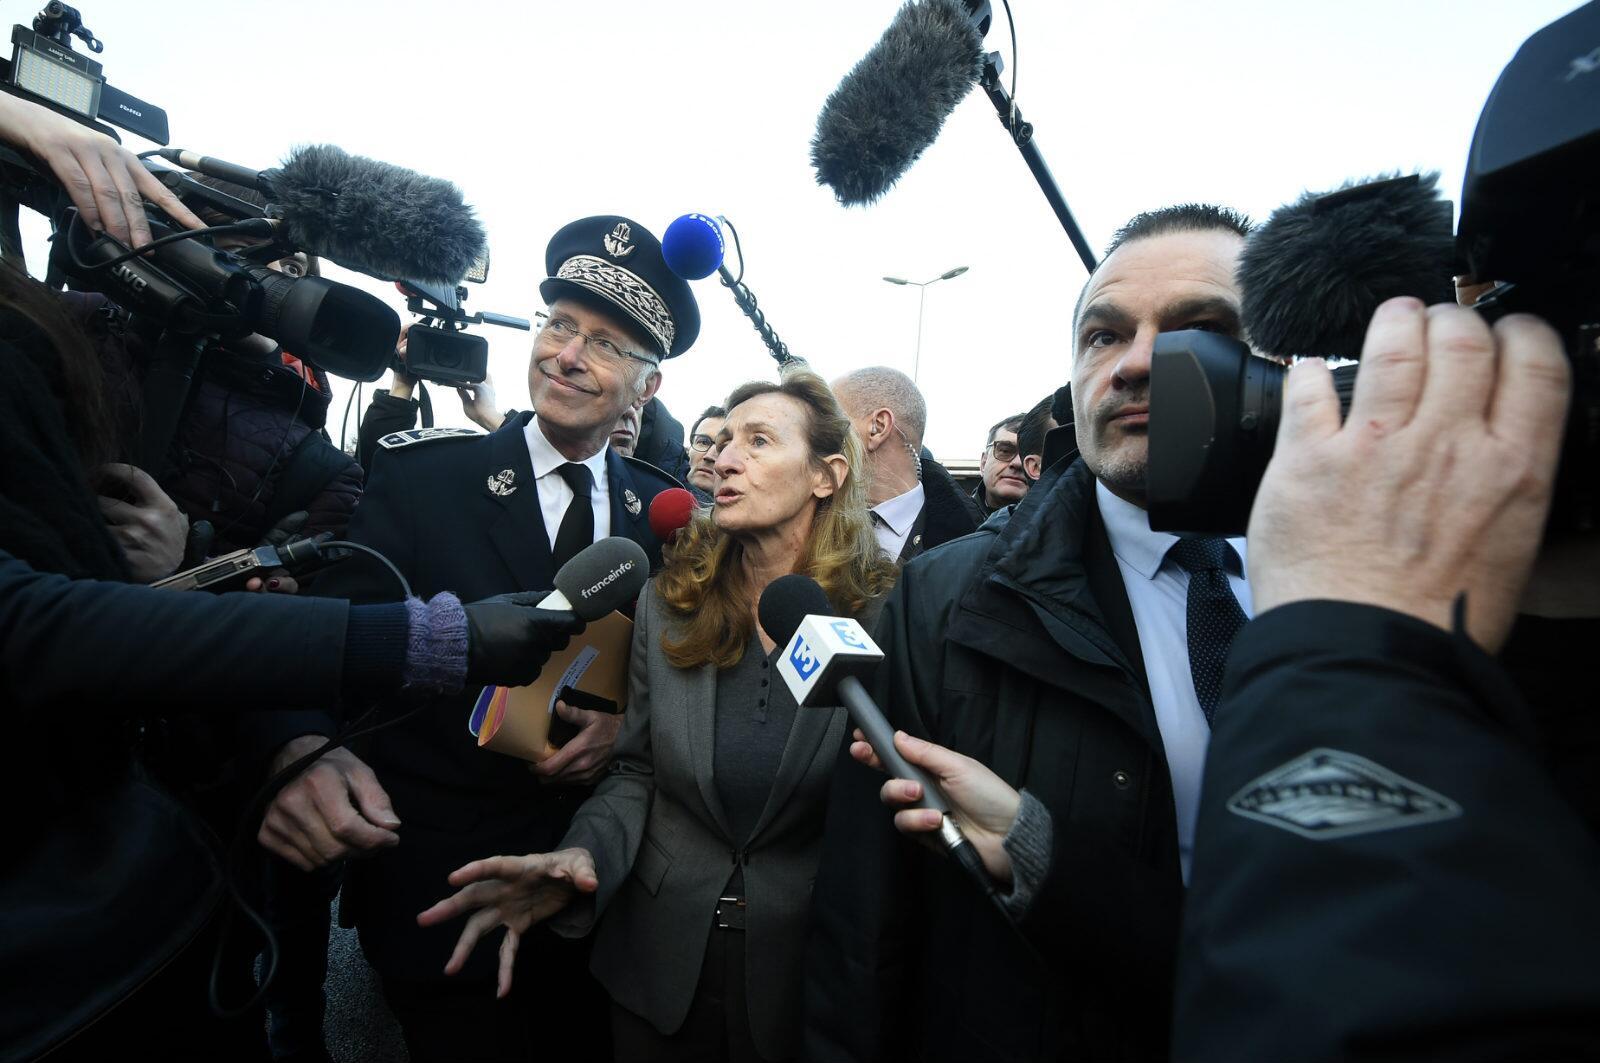 法国监狱再爆两起袭警事件 狱警抗议风潮仍持续